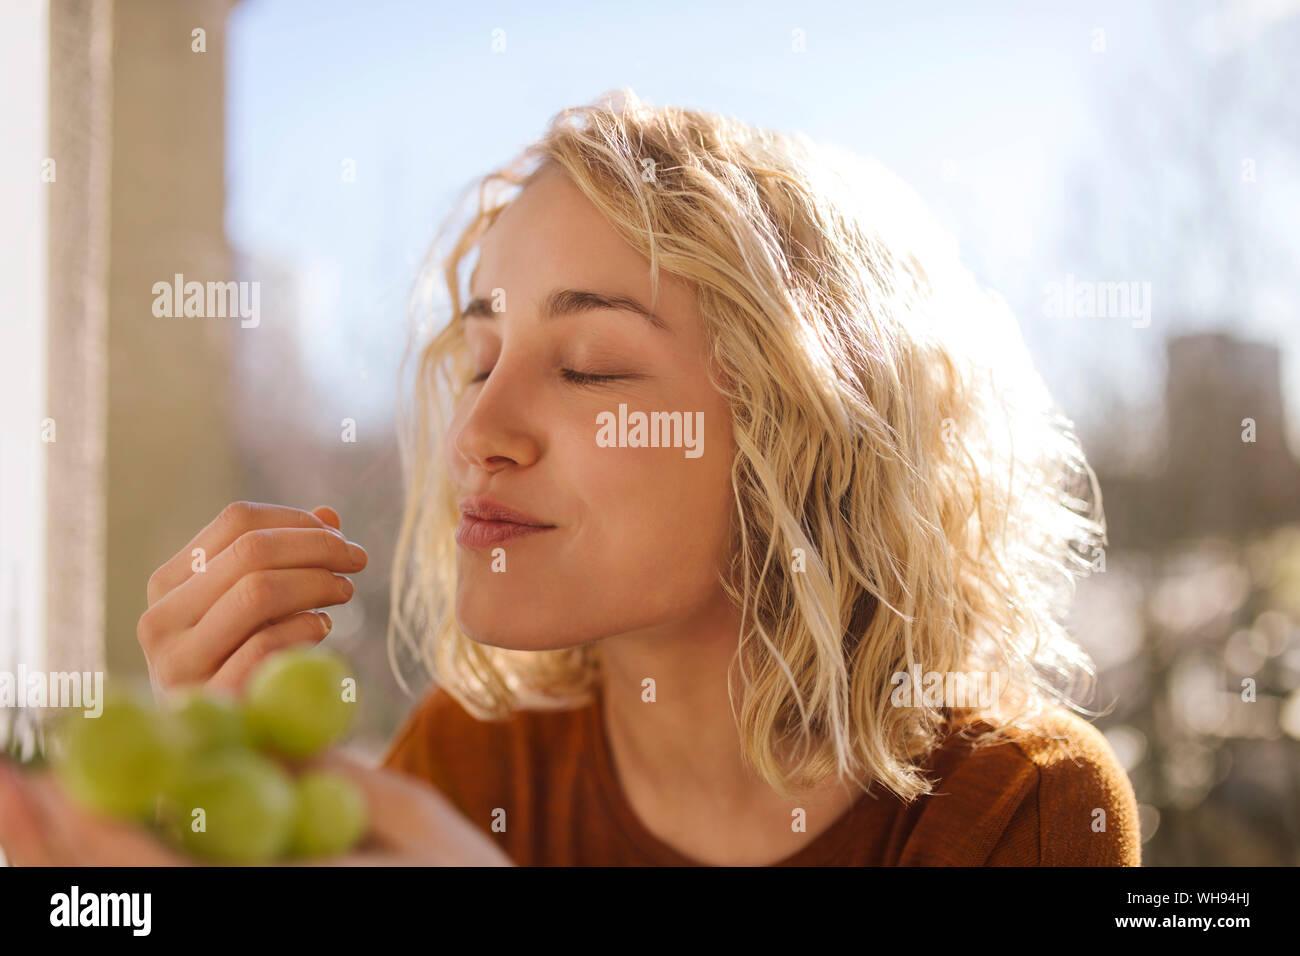 Ritratto di giovane donna bionda mangiare uva verde Foto Stock